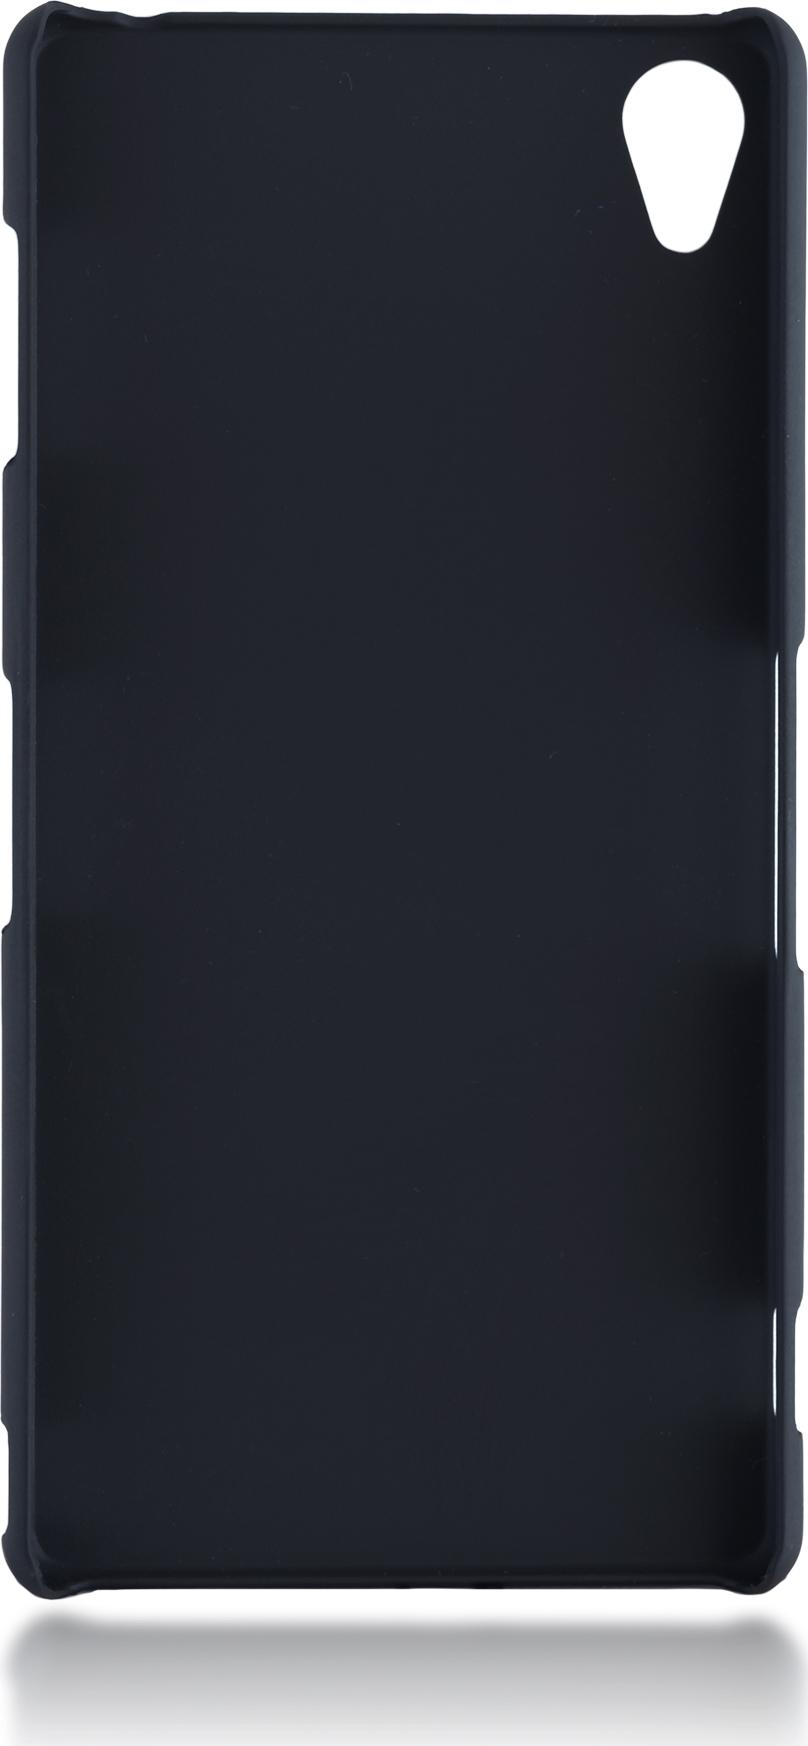 Чехол Brosco Soft-Touch для Sony Xperia Z3, черный